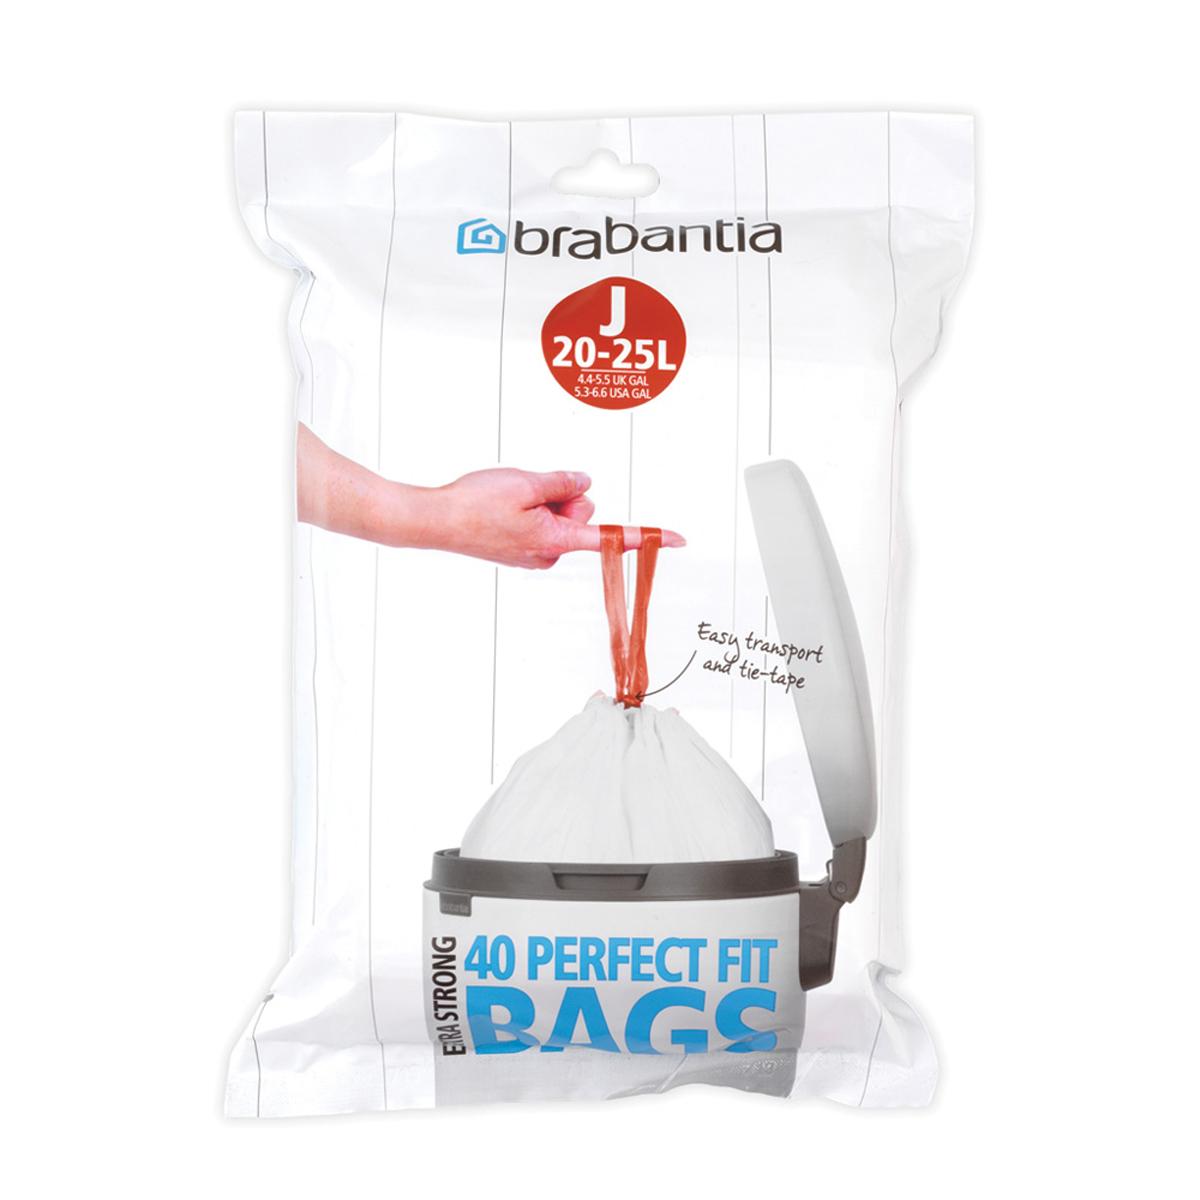 Мешки для мусора Brabantia J, цвет: белый, 23 л, 40 шт115608Удобно и быстро вкладываются и достаются из бака. Эстетичный вид – идеально подходят по размеру к мусорным бакам Brabantia, мешок не выступает наружу. Уникальная цветовая маркировка позволяет выбрать мешки нужного размера. Вентиляционные отверстия для удобства вкладывания в бак. Изготовлены из особо прочного полиэтилена (HDPE). Легко затягиваются и переносятся – специальная лента для стягивания горловины. Упаковка-диспенсер: 20 мешков.